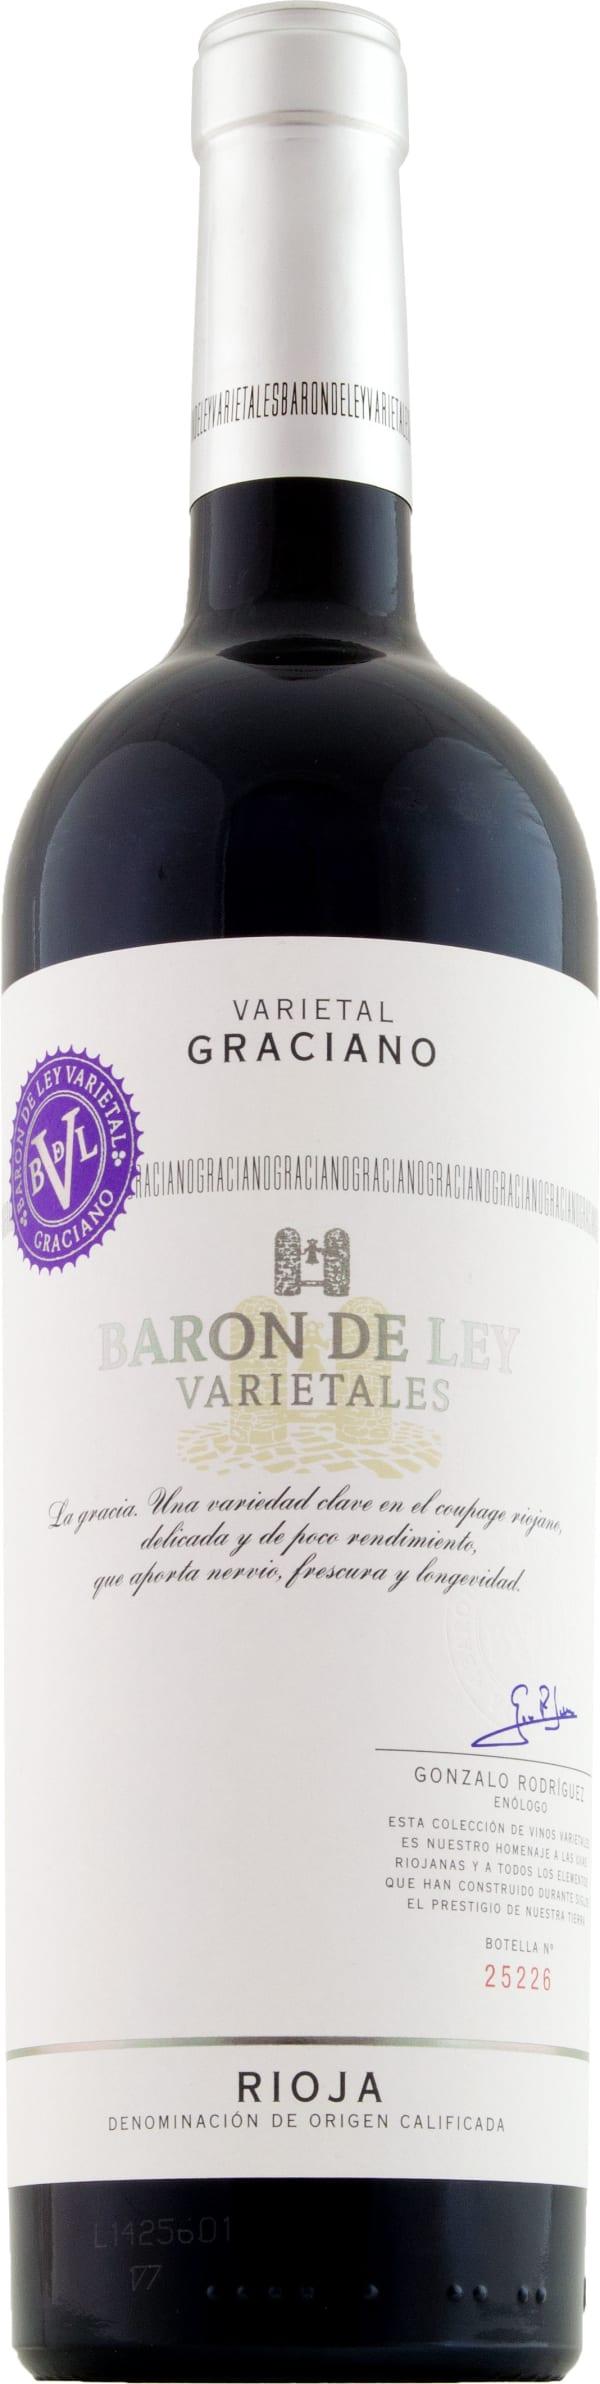 Barón de Ley Varietal Graciano 2016